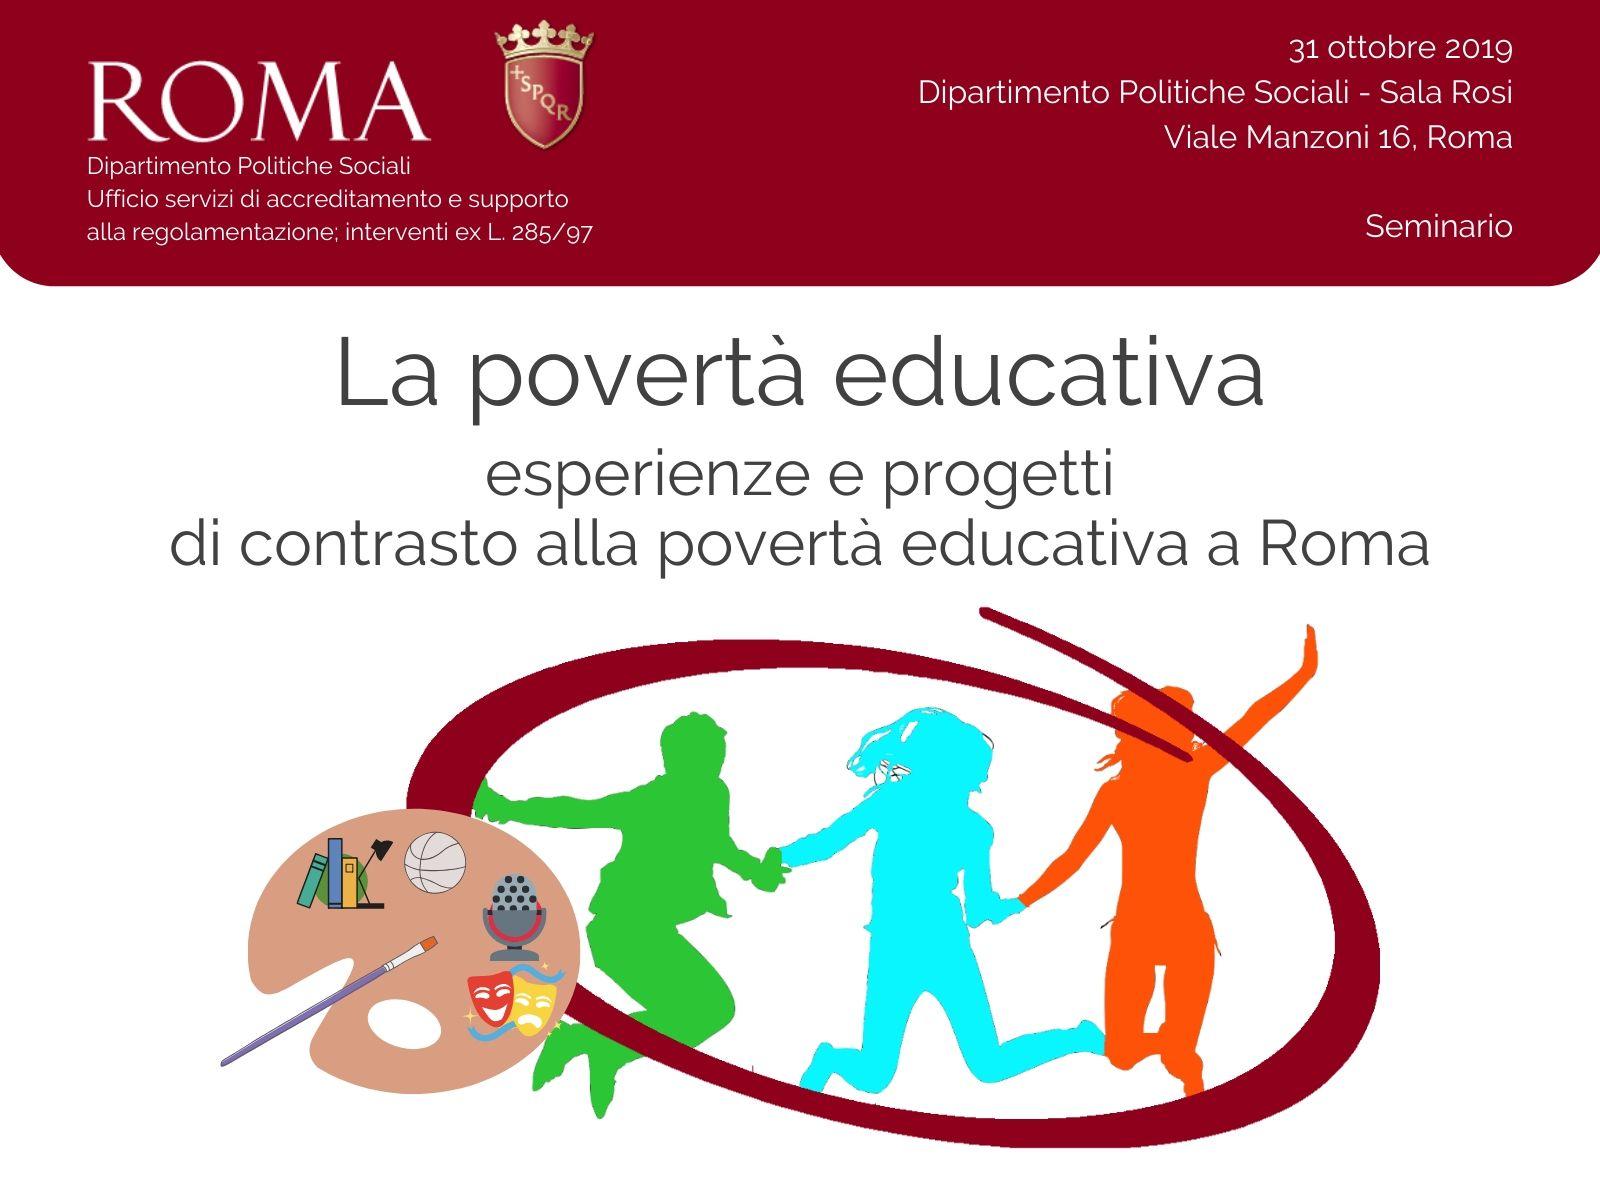 Il seminario sui progetti per il contrasto della povertà educativa